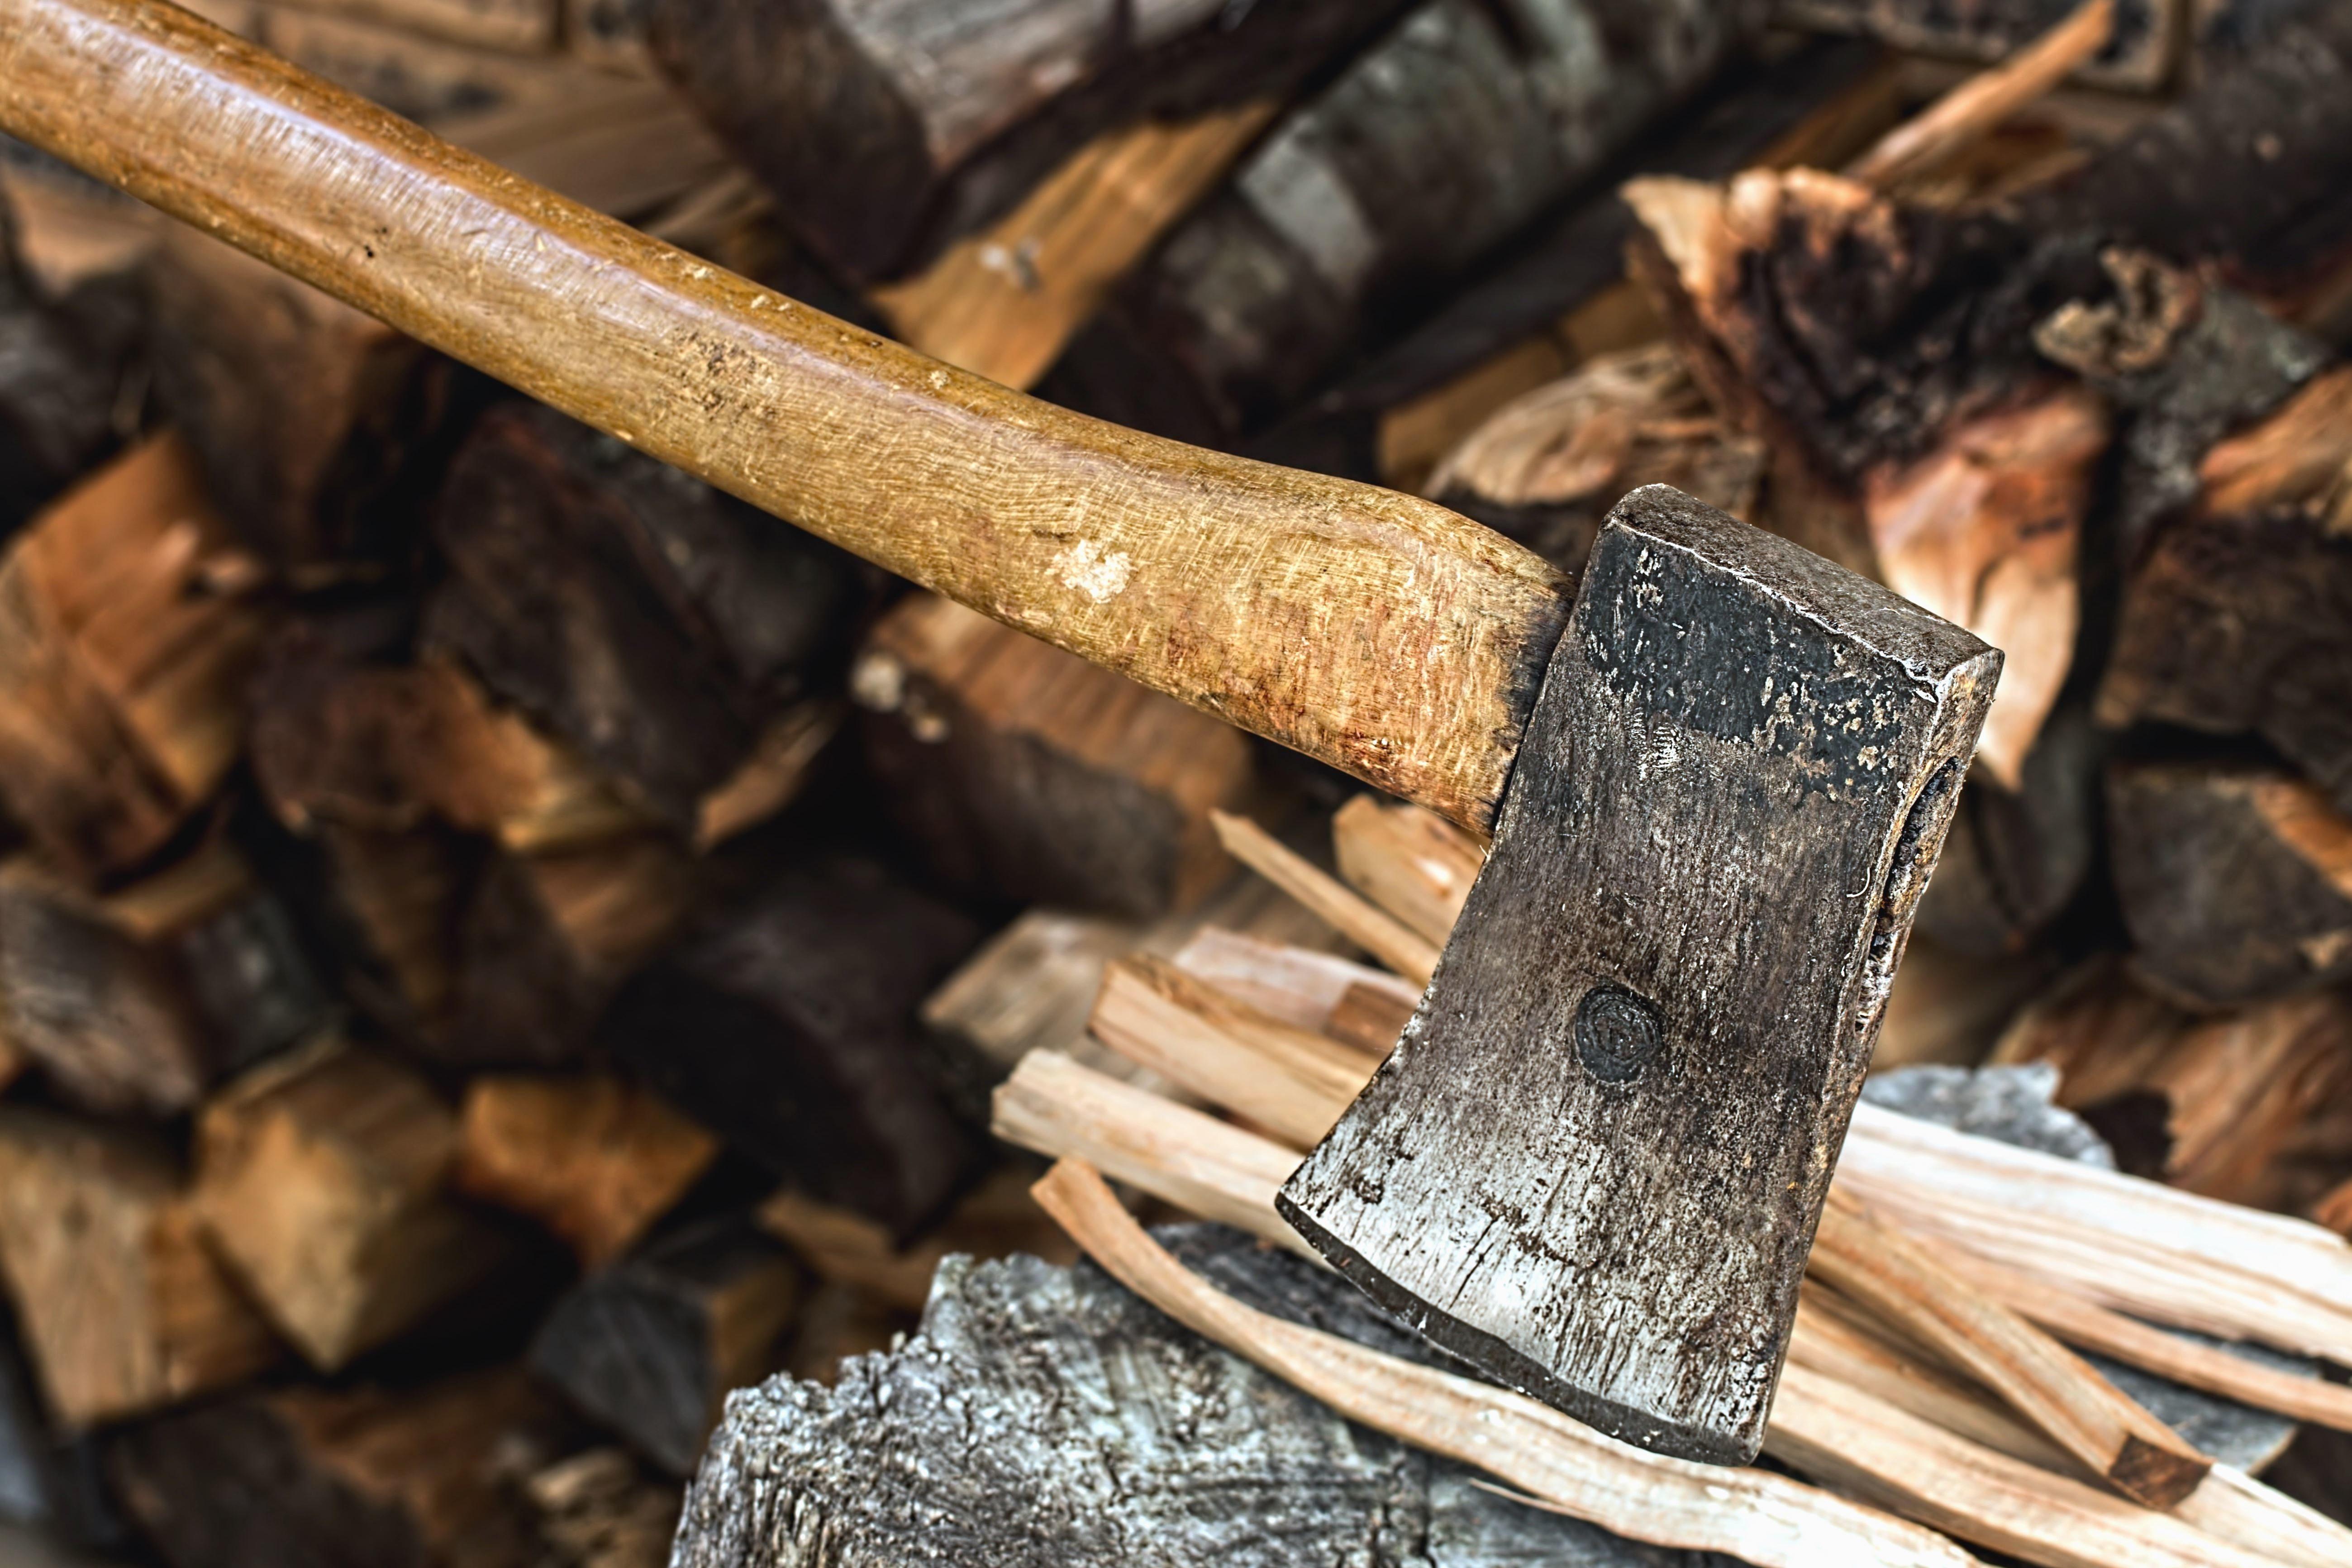 Kostenlose Bild: Beil, Baum, Stumpf, Metall, Eisen, Werkzeug